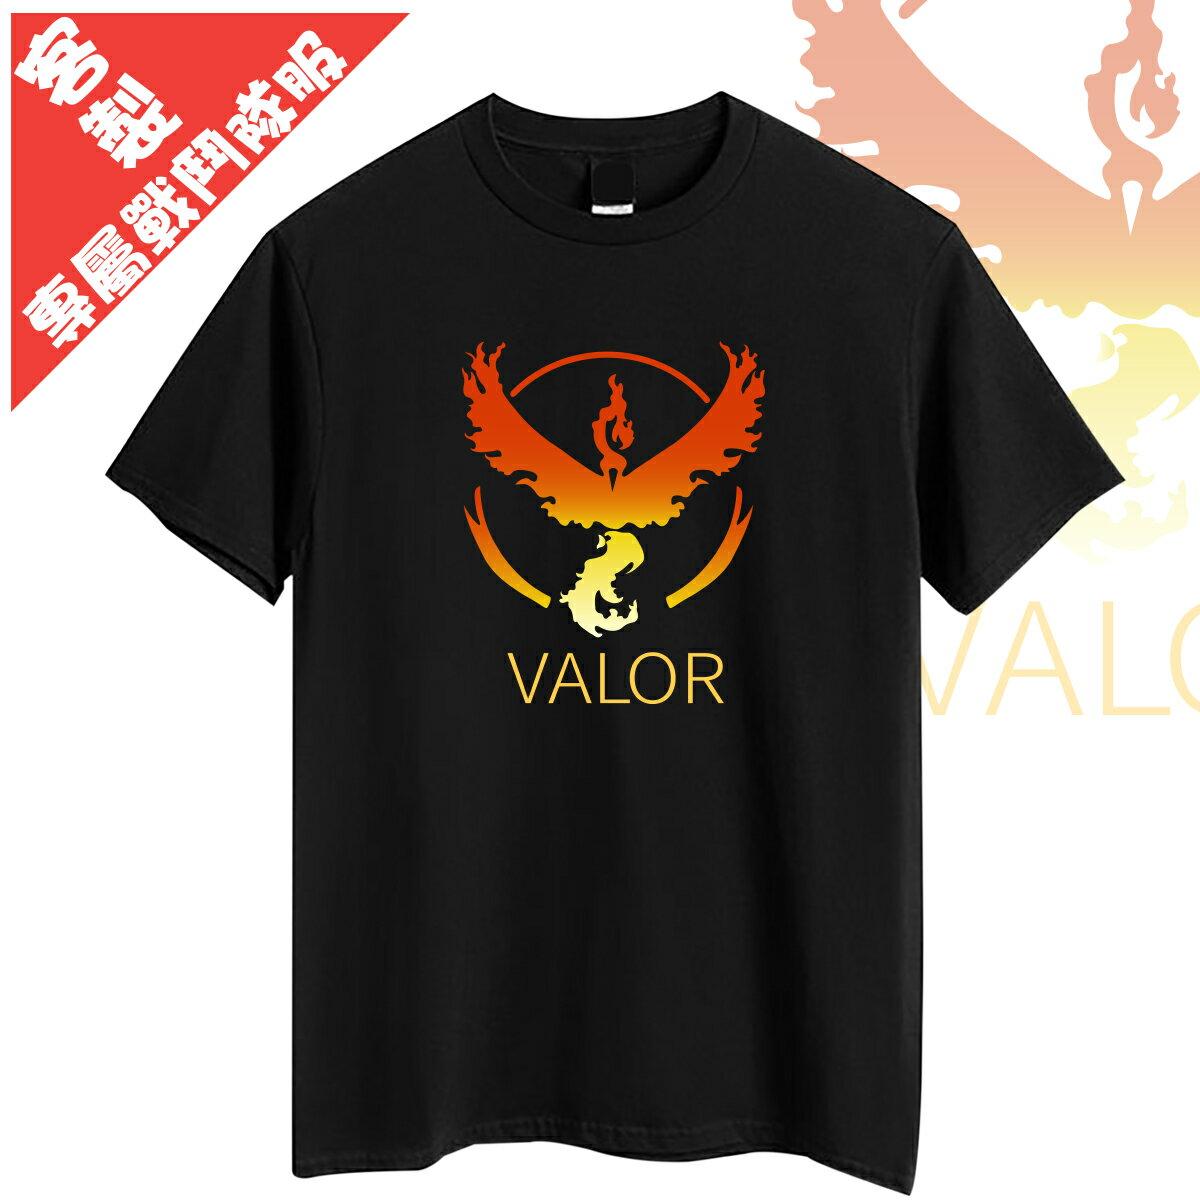 ✨寶可夢系列✨-客製化--自己的隊服自己做-紅隊!VALOR(勇氣) 100%純棉台製棉T素材!一件也可以做!多件另有優惠!歡迎團體訂做! 0